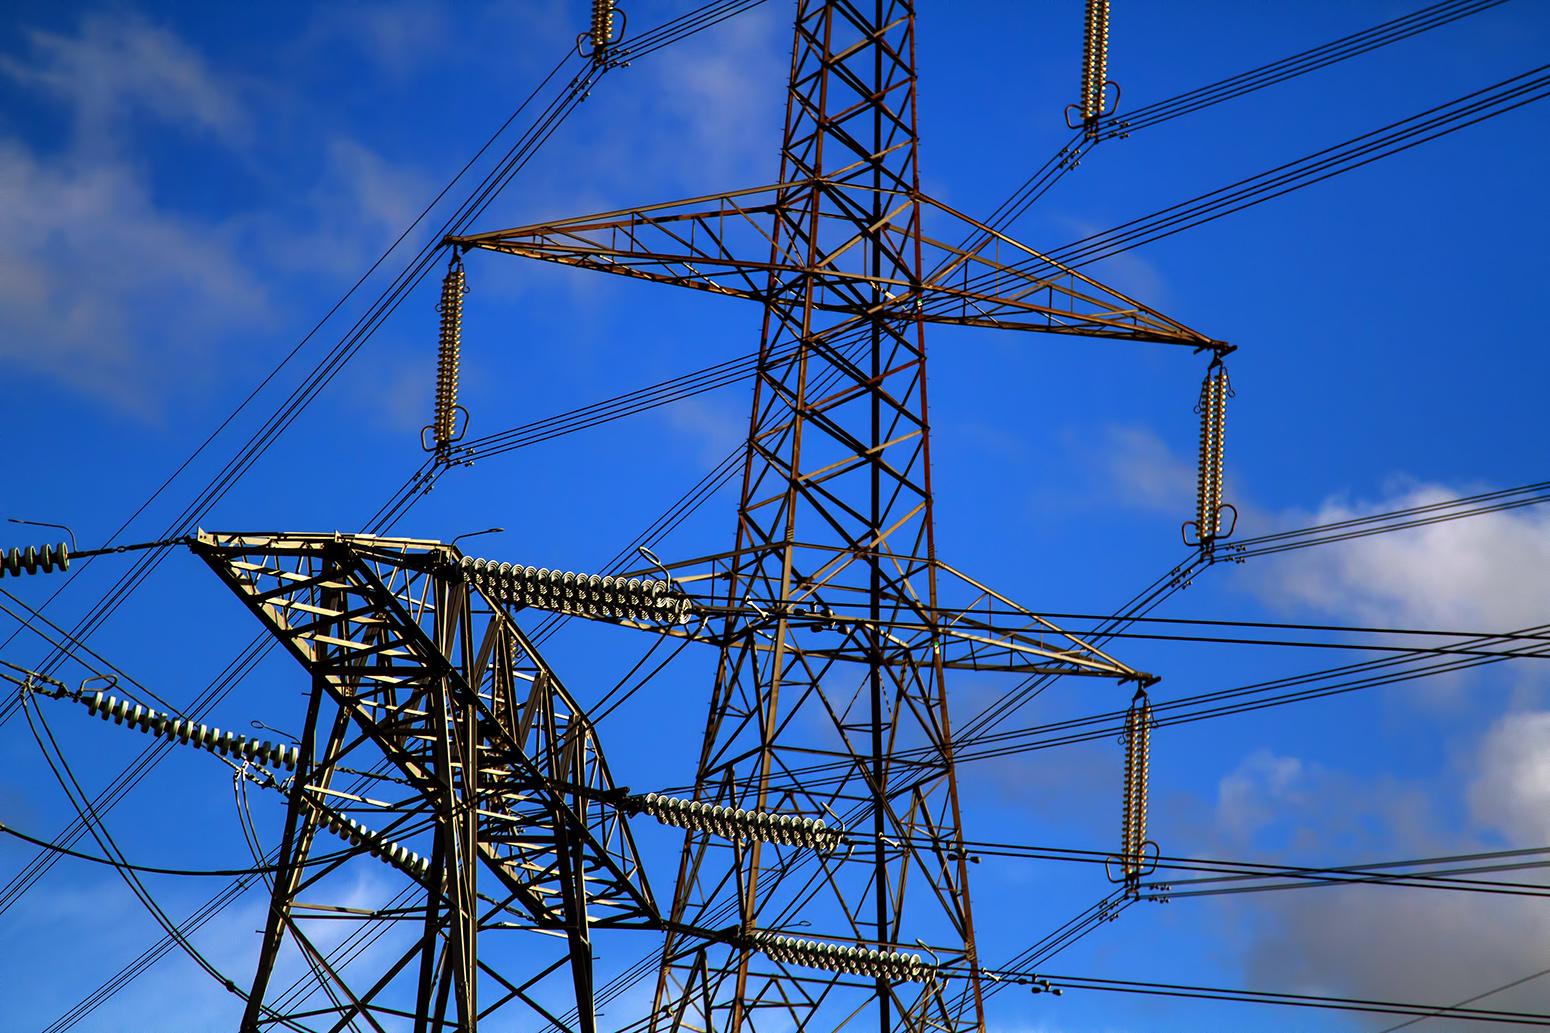 Η Αλβανία θα λάβει 21 εκατομμύρια ευρώ για το δίκτυο ηλεκτρικής ενέργειας